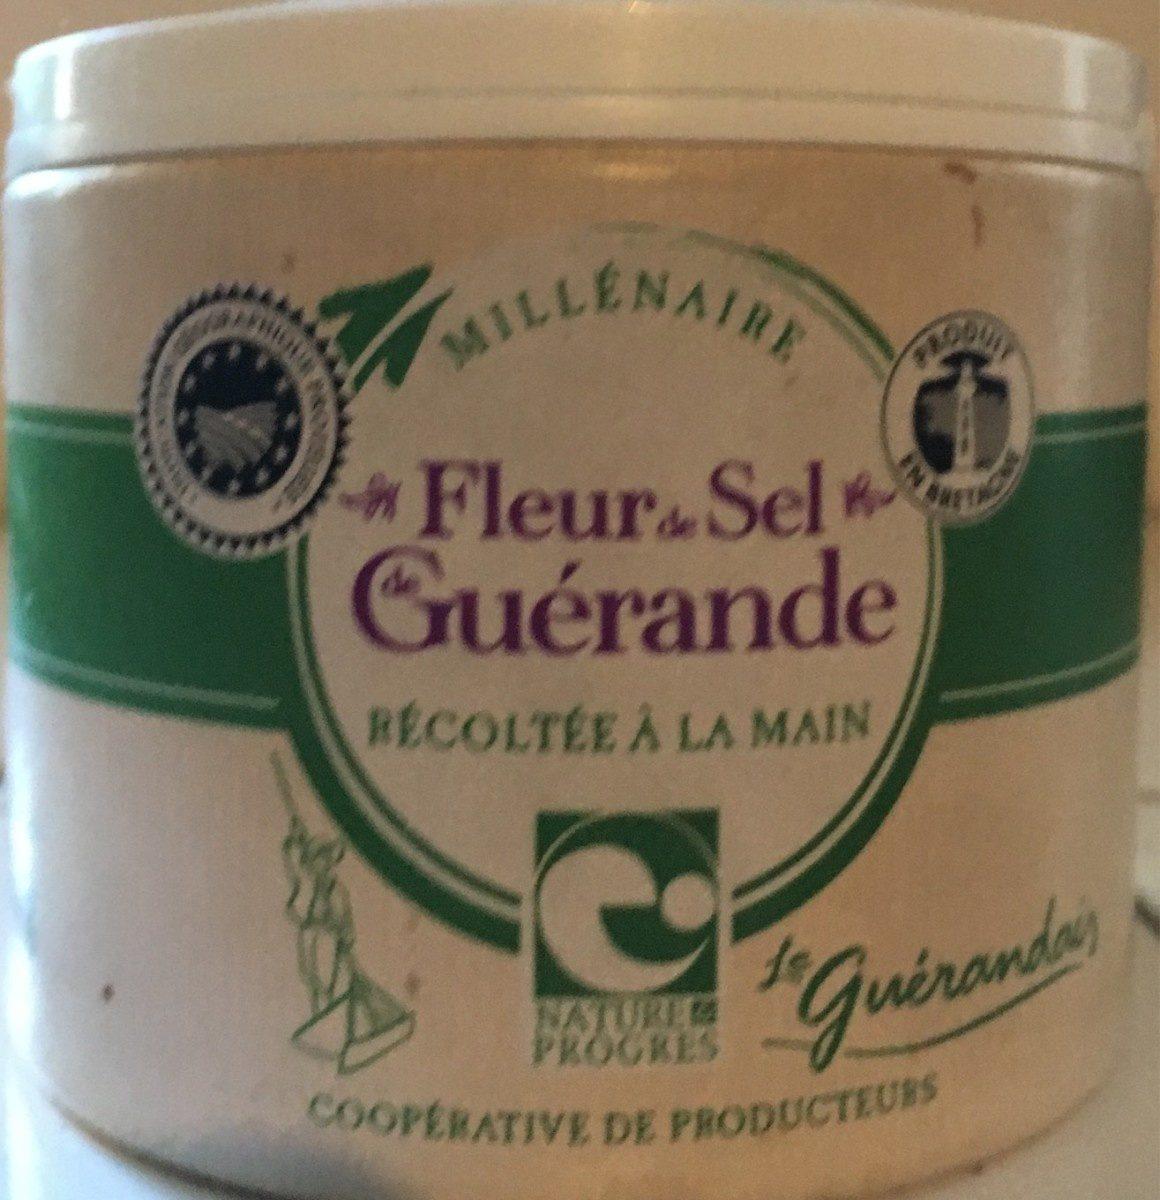 Fleur de sel deGuerande - Product